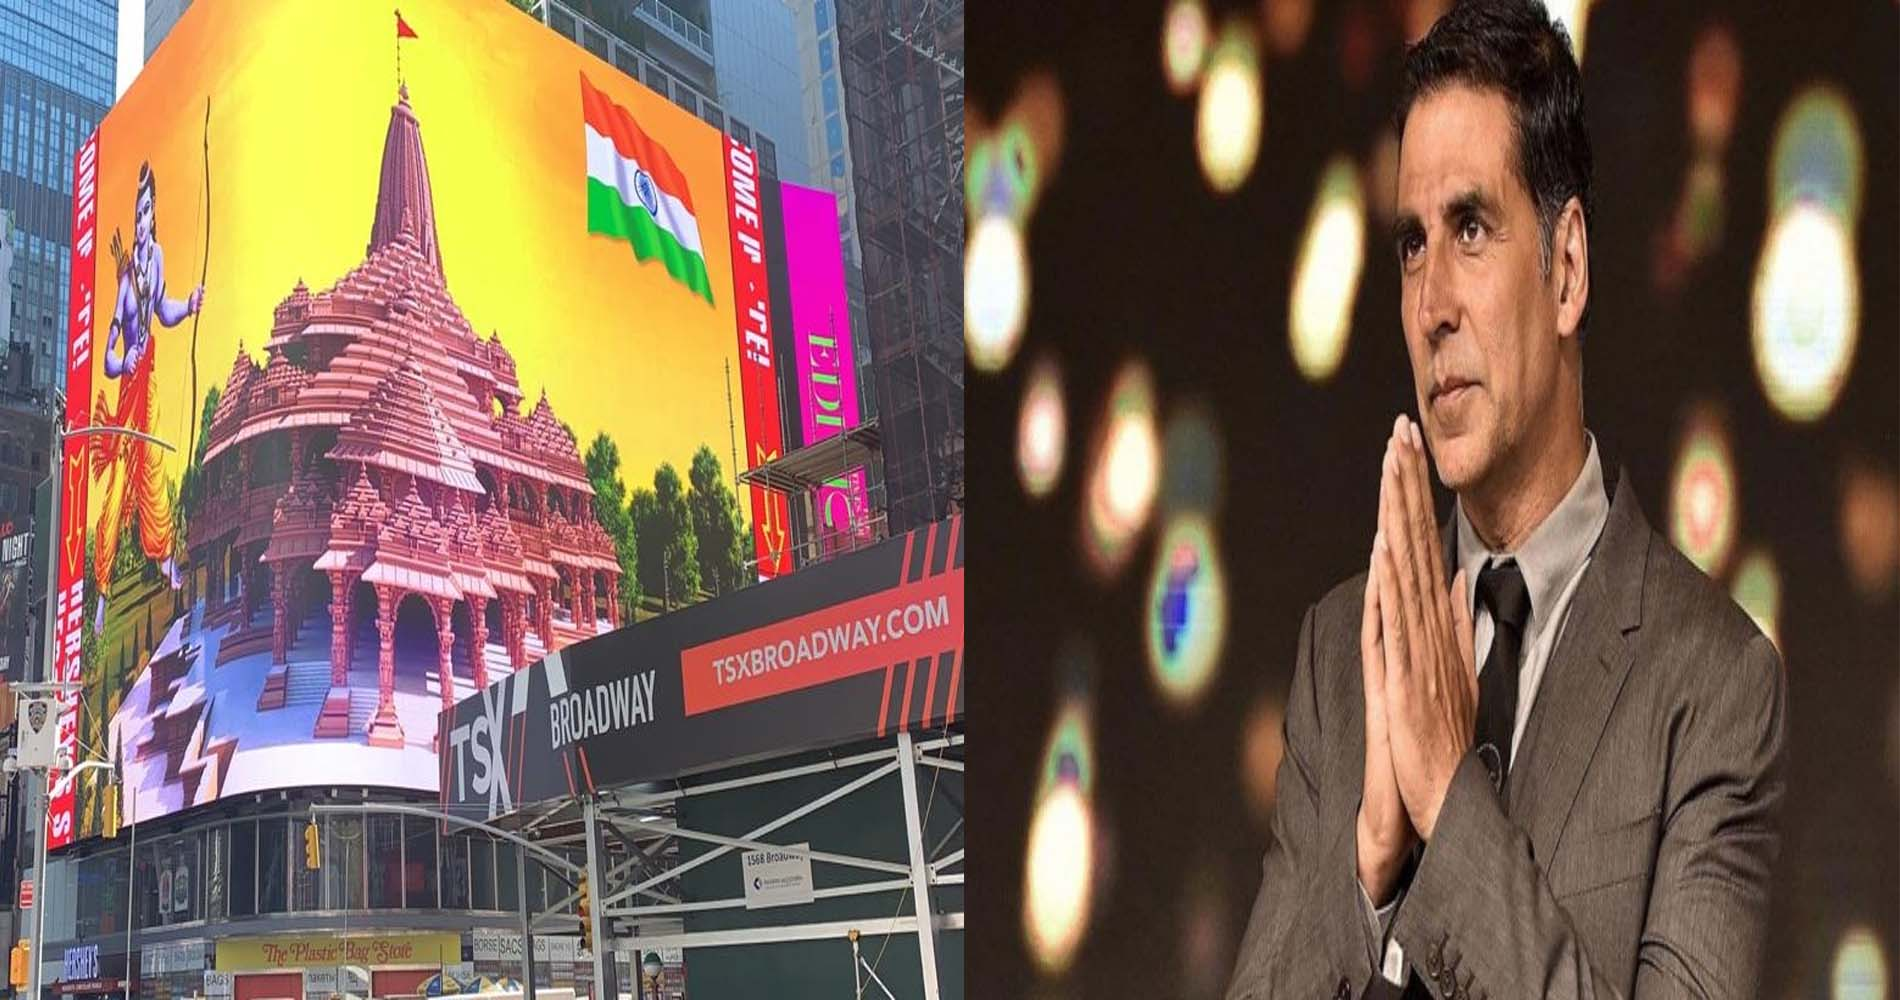 अक्षय कुमार ने लगाया 'जय श्री राम' का जयकारा, यूजर ने लिखा- 'इंडस्ट्री से किसी ने तो कहा'